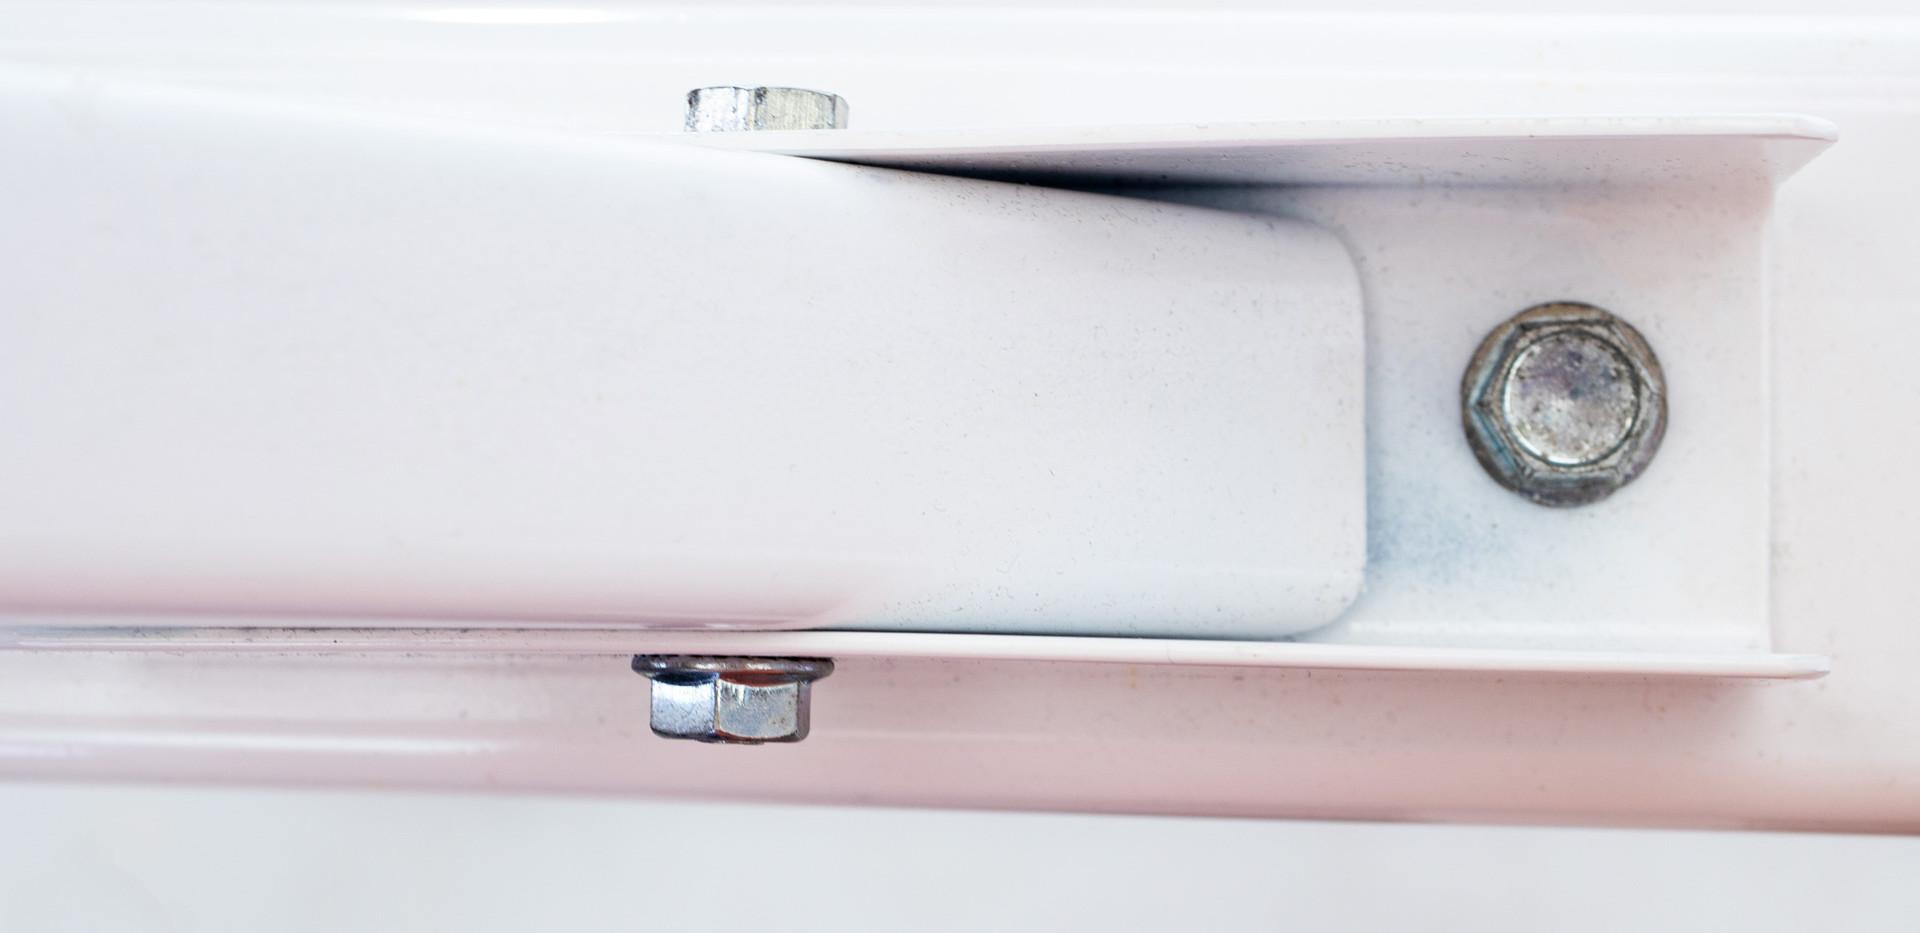 Mac Rak   Protection Repair   ELITE Vetical Leg Repair